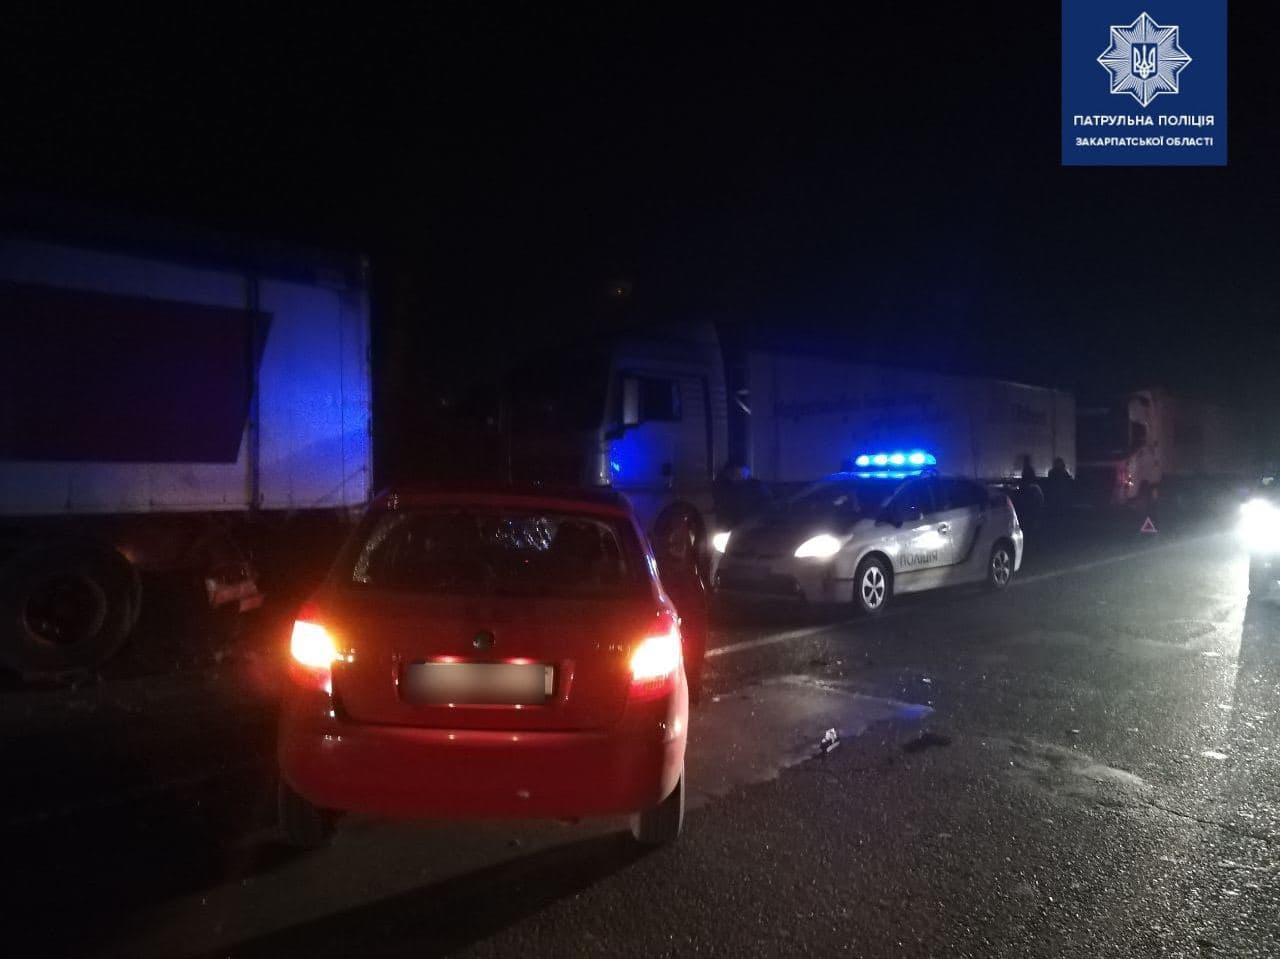 В Ужгороді на об'їзній дорозі нетверезий водій врізався у припарковану вантажівку